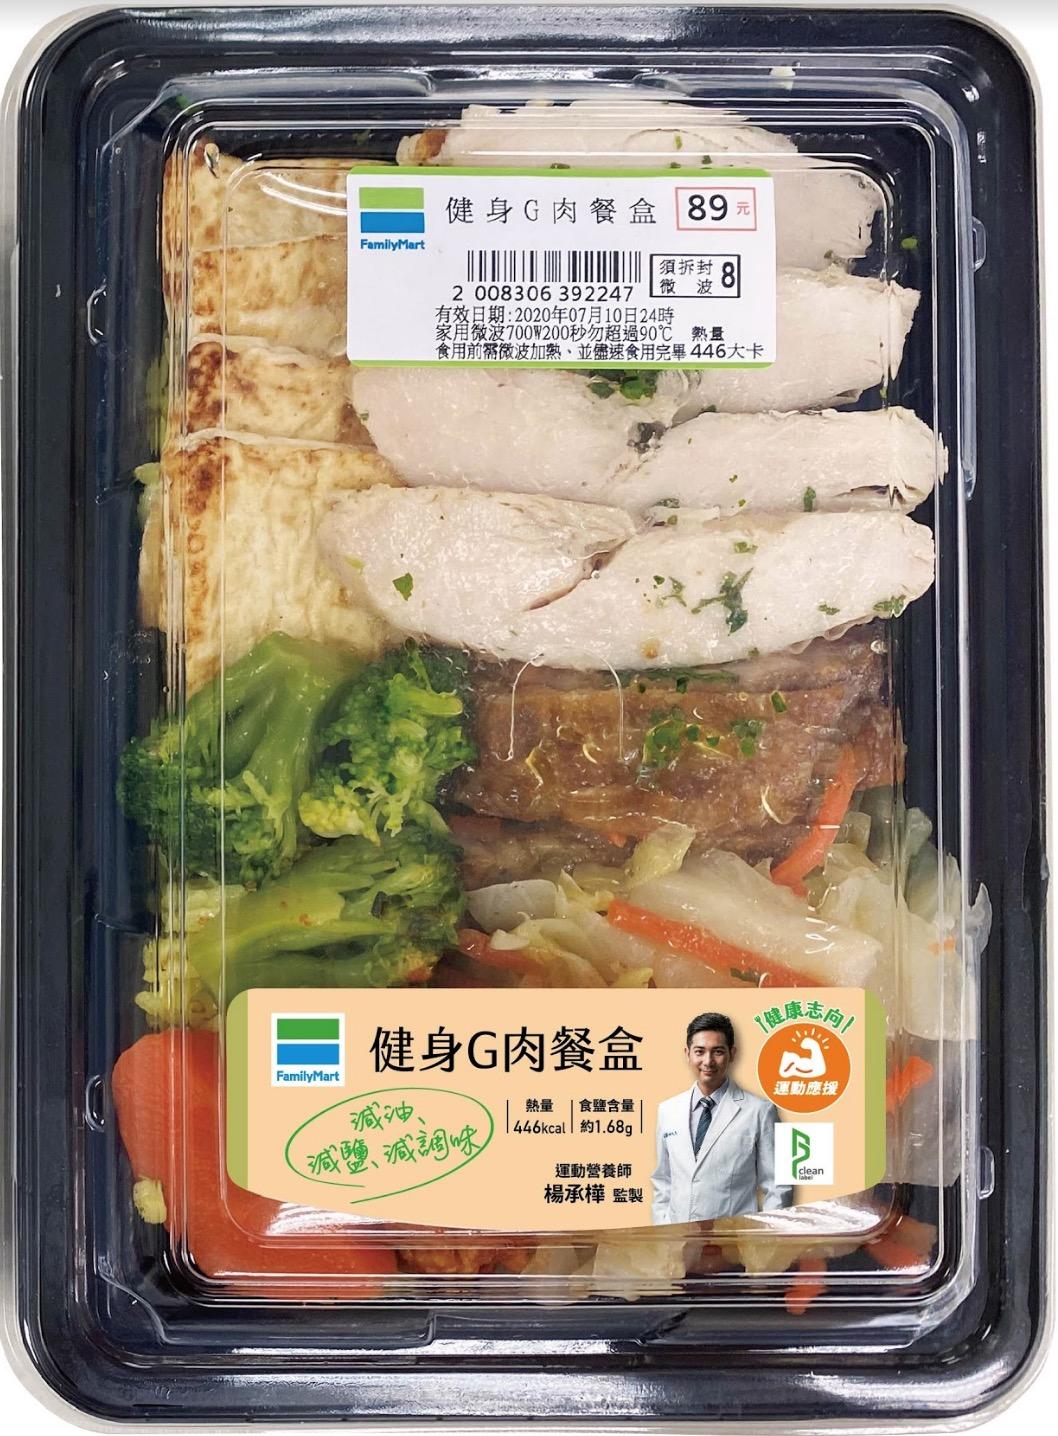 高蛋白質含量(烤雞胸肉+咖哩腿排+烤豆腐)豐富的蔬菜+健康滿分的米飯(麥仁紅藜薑黃飯),是許多健身族、愛美女性非常熱愛的健康餐盒。